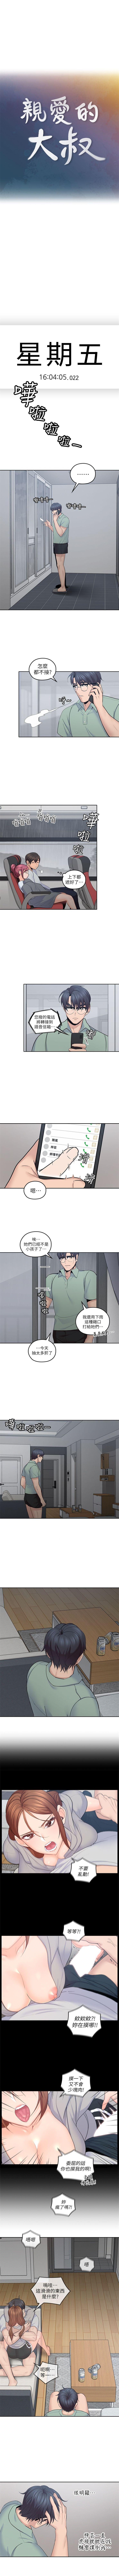 (週4)親愛的大叔 1-33 中文翻譯(更新中) 120